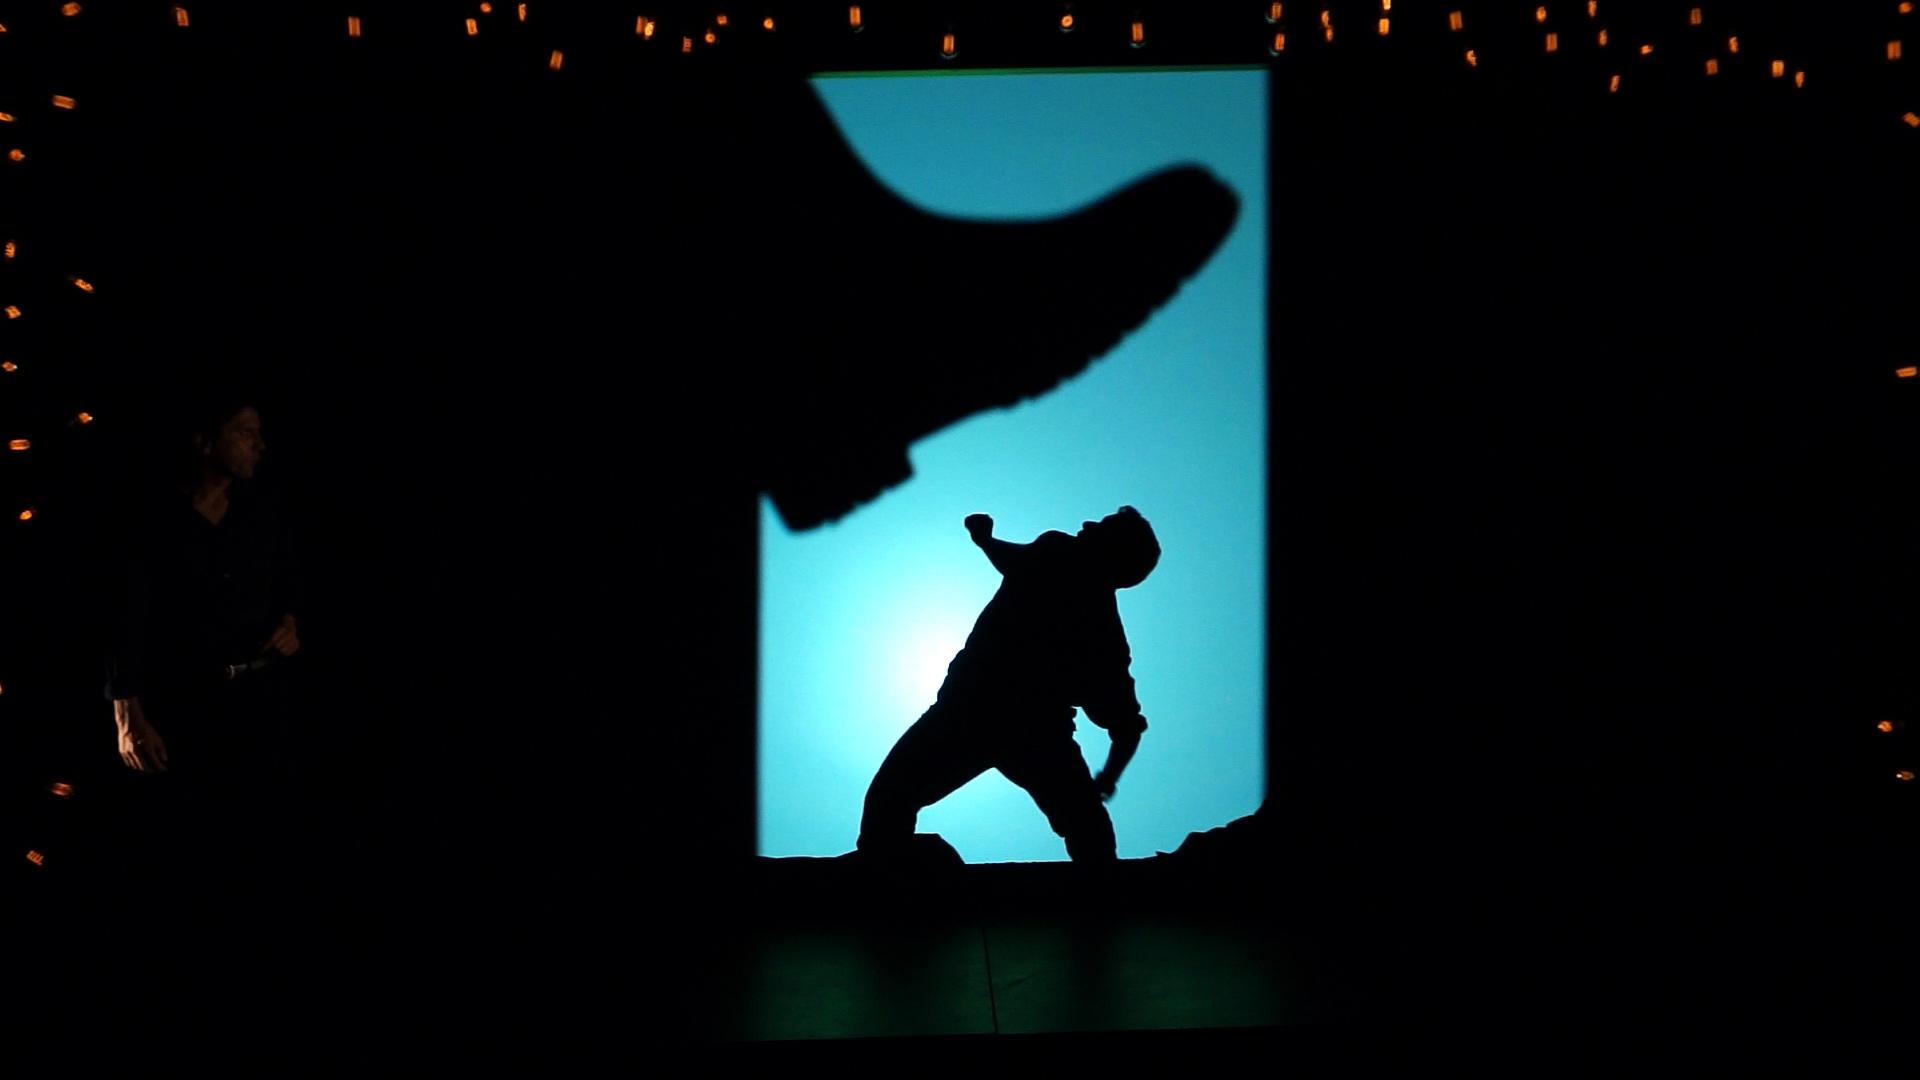 De l'ombre à la lumière Johanny Bert 10 - Blandine Armand - Documentaires